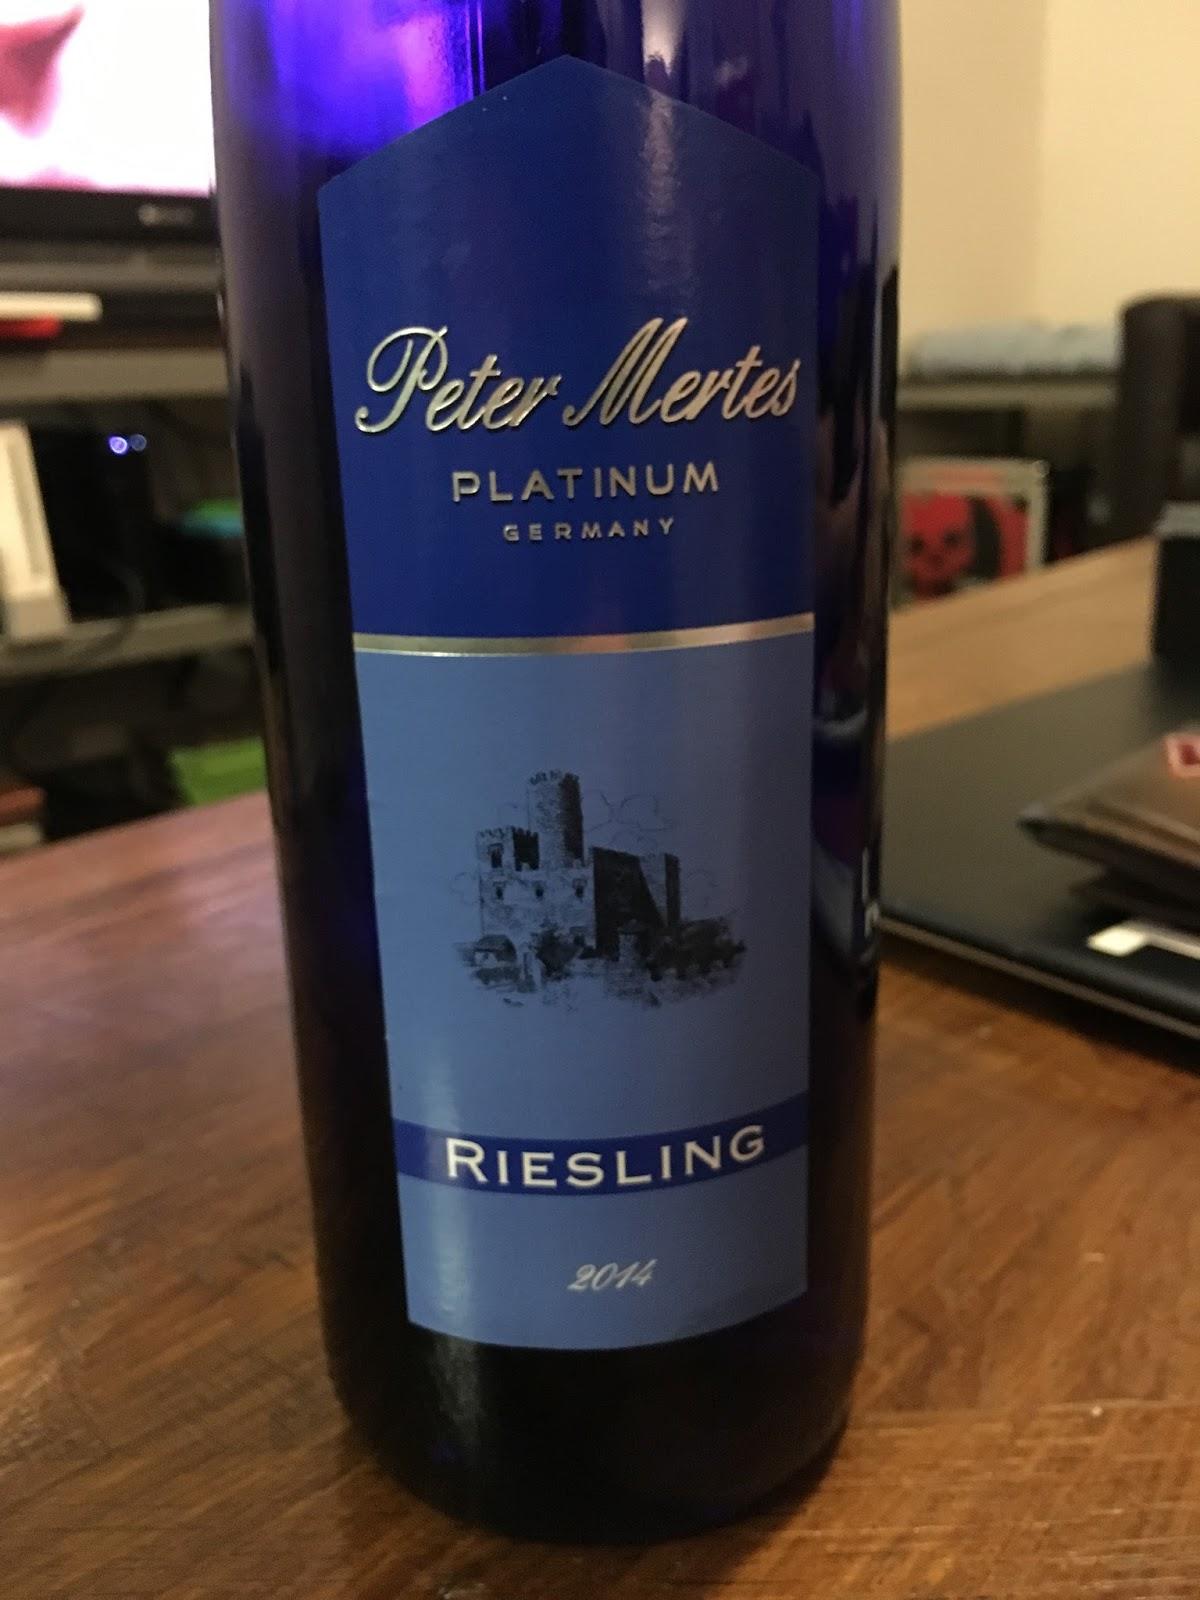 Tasting Peter Mertes Platinum Riesling Michaelu0027s